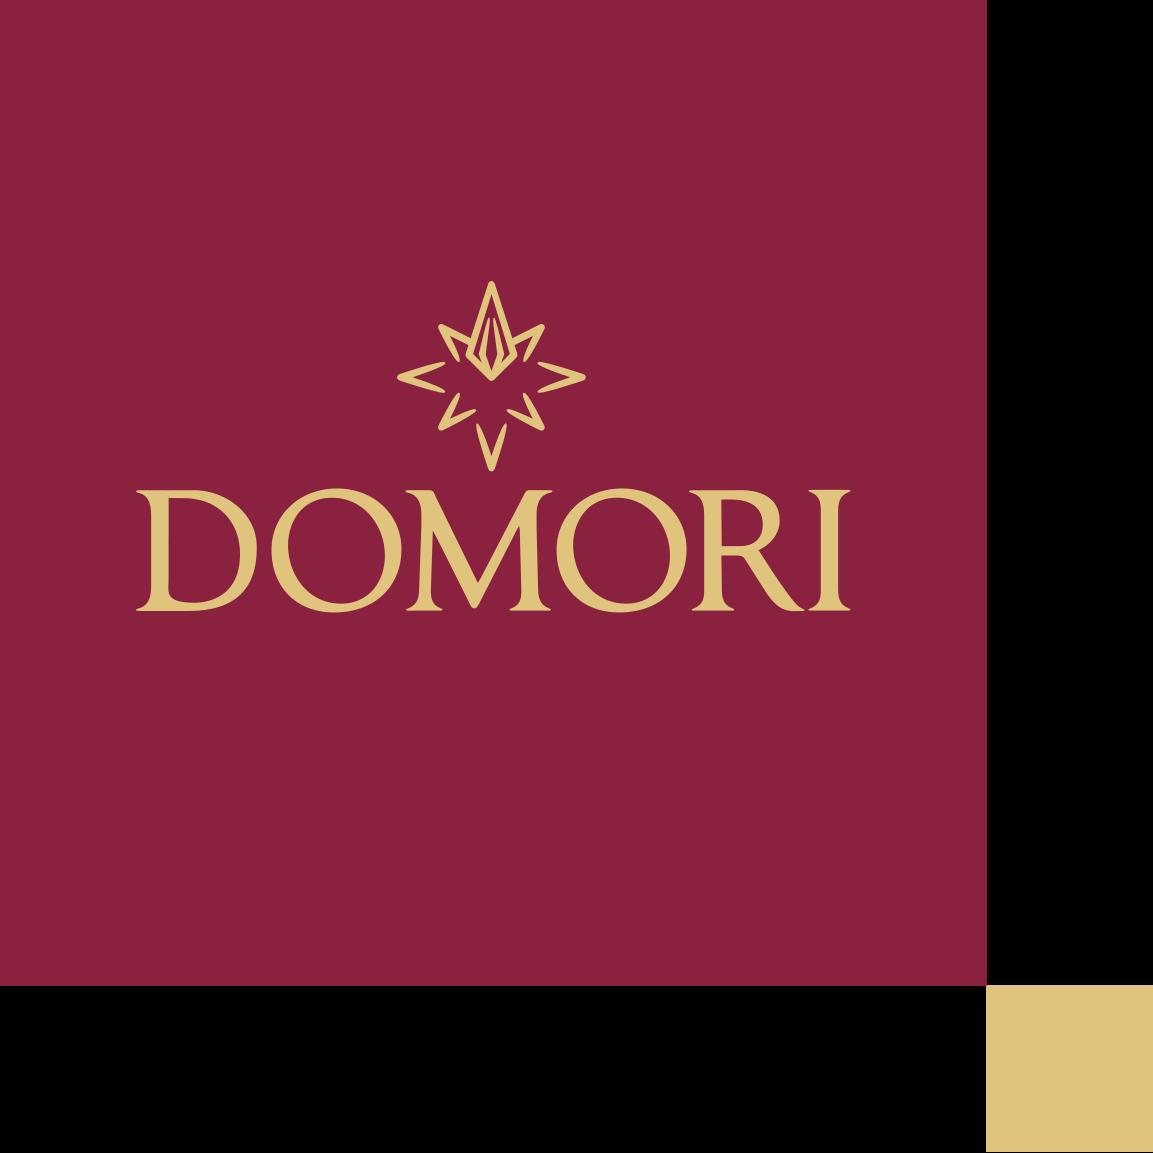 Domori - Cioccolato di qualità superiore